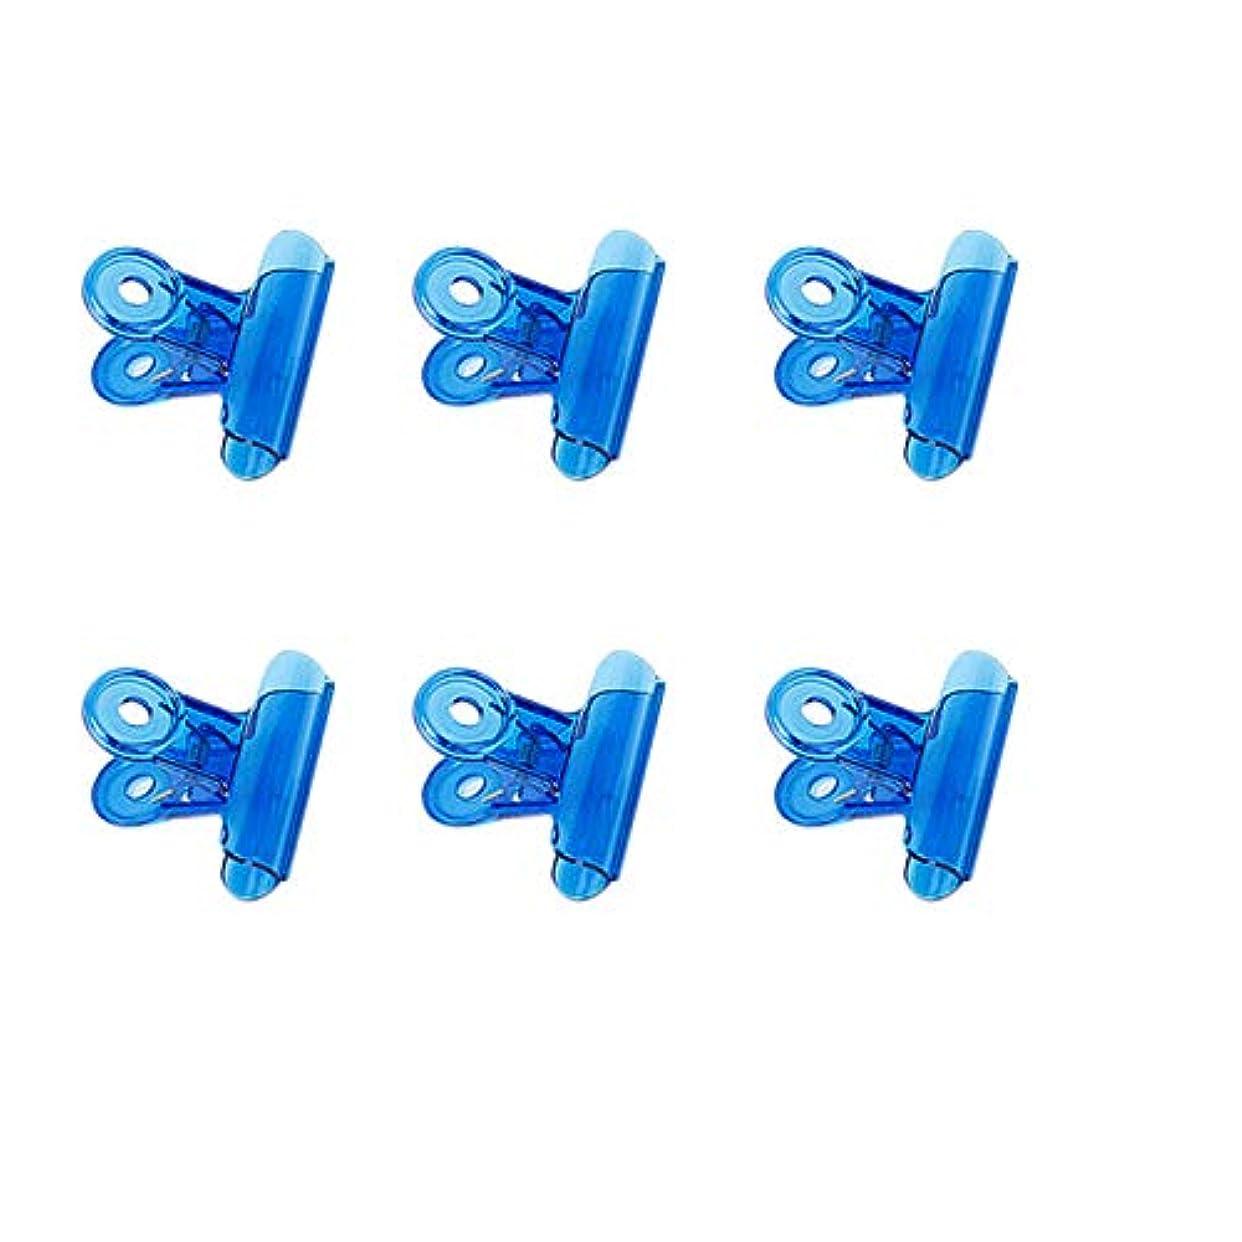 通行料金スプリット習熟度CUHAWUDBA 6個/セット Cカーブネイルピンチクリップ 多機能ツール アクリルネイルピンチャー ペンチブルー